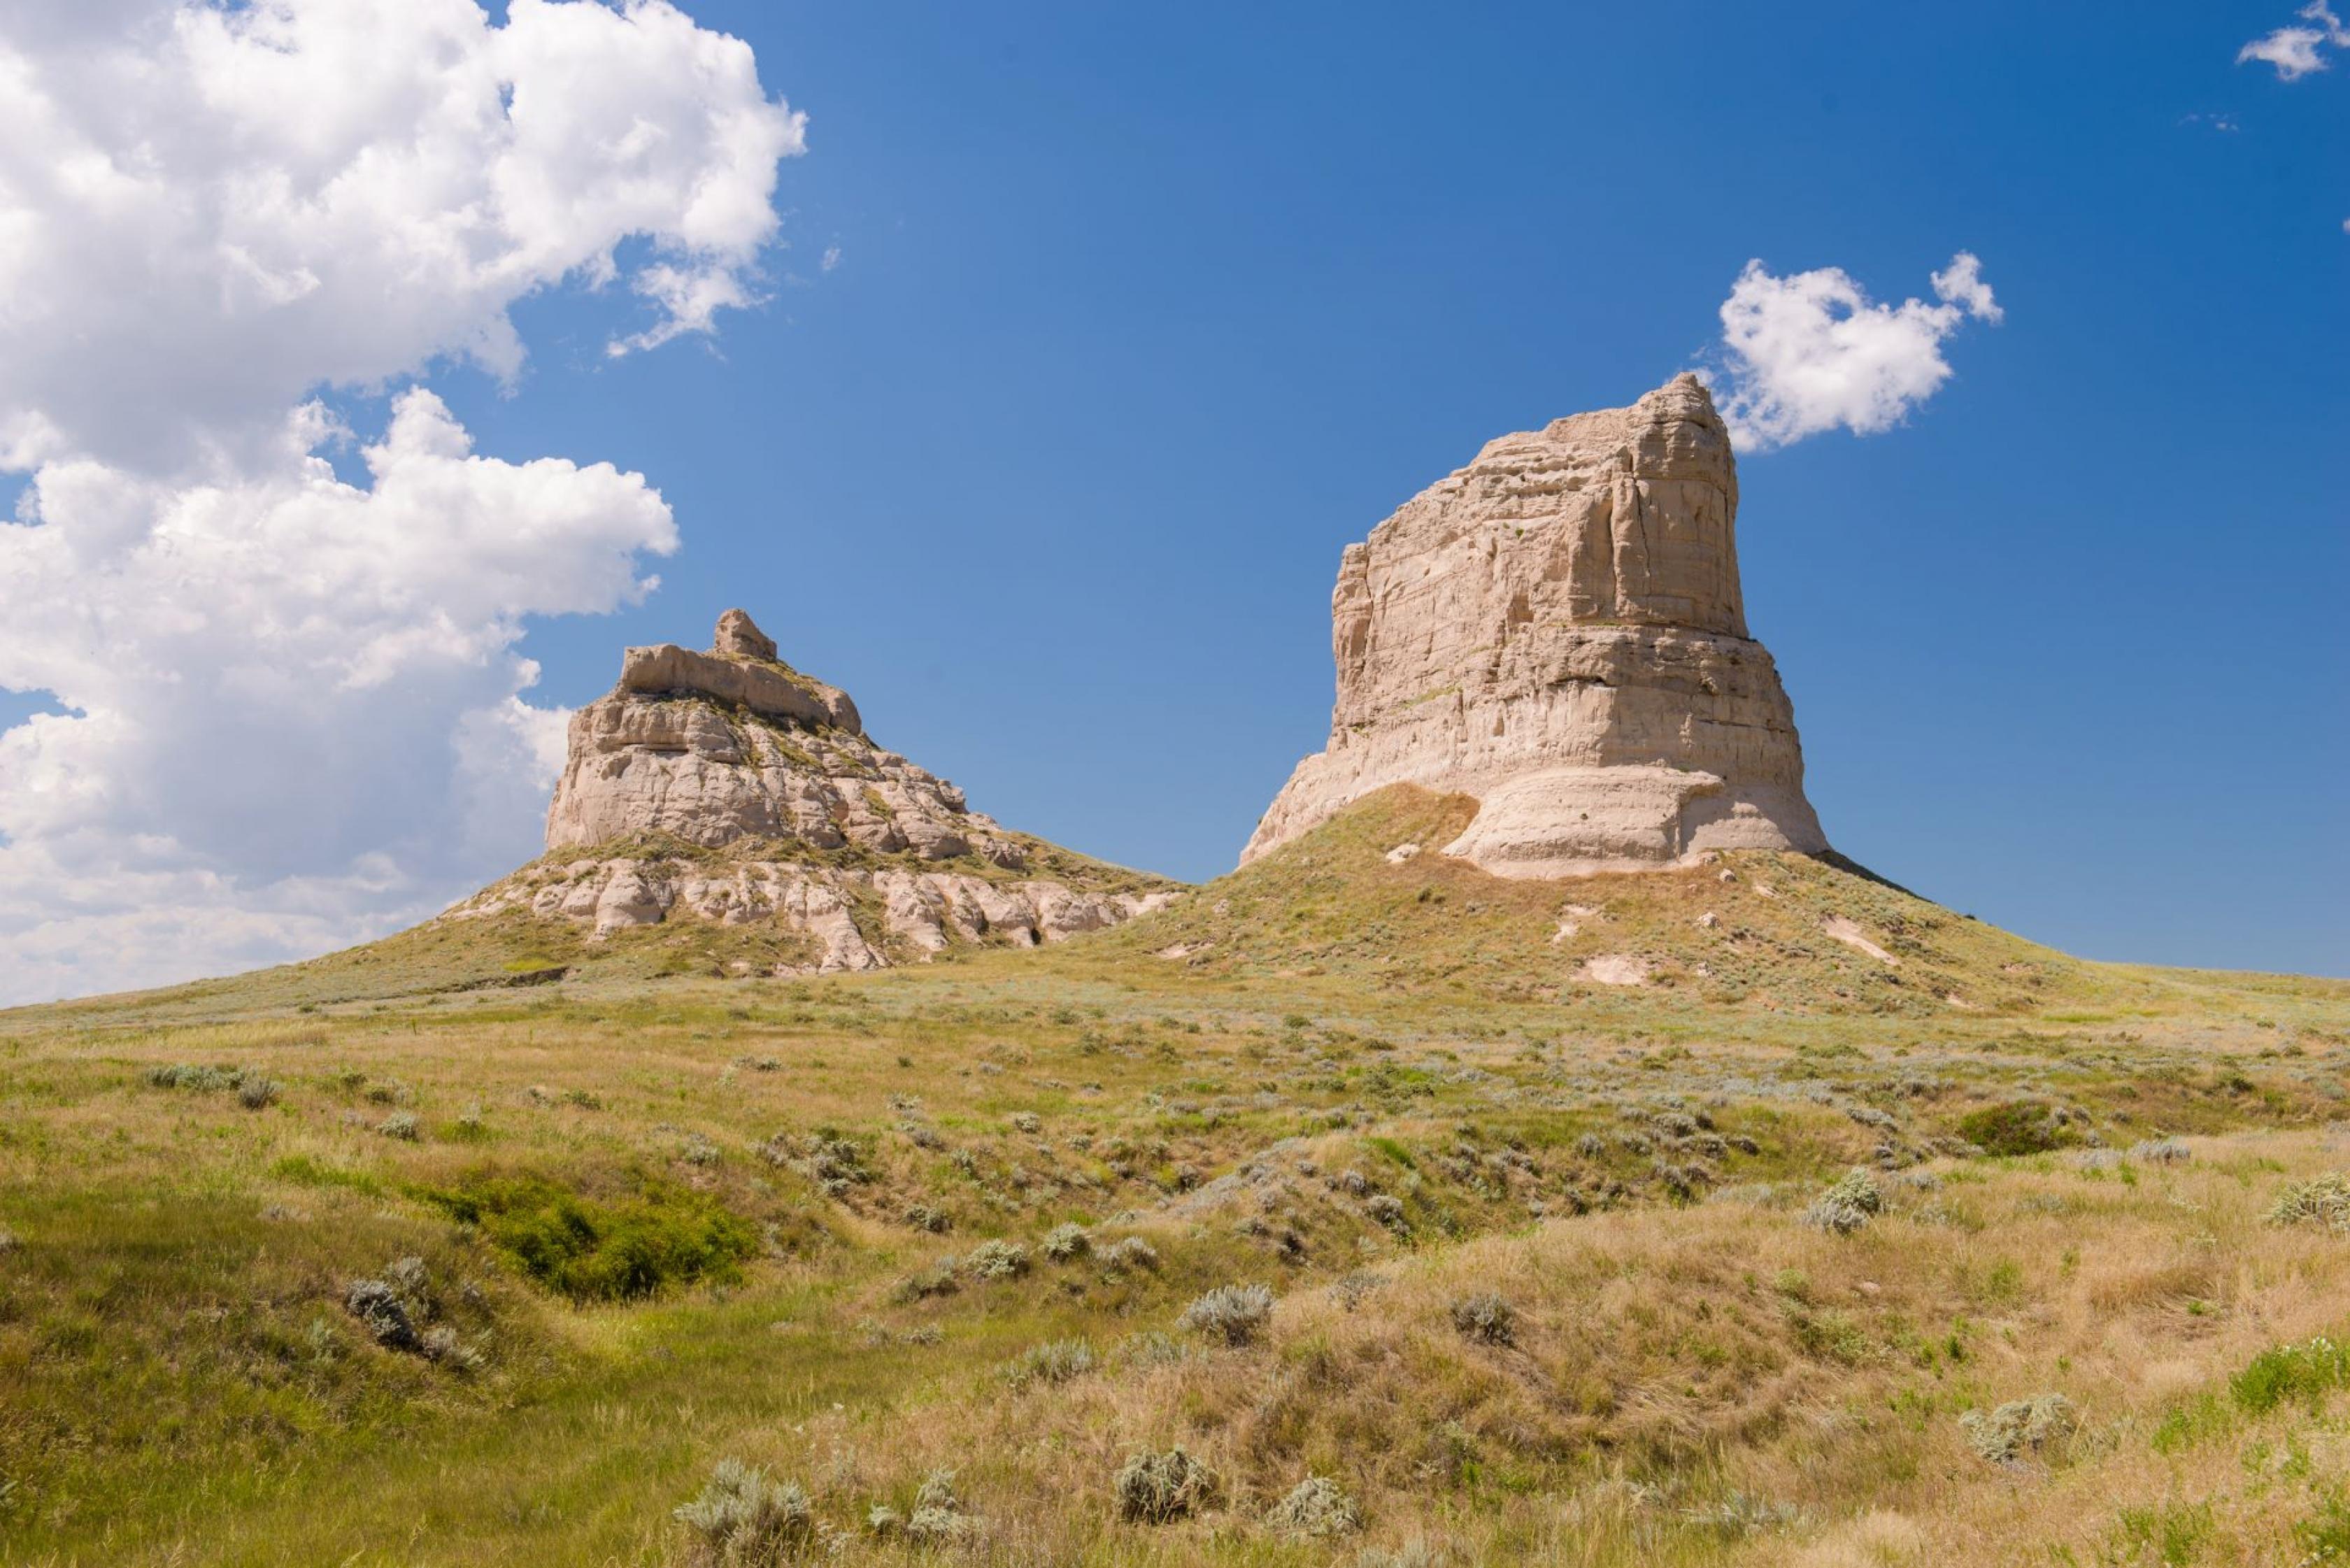 Imponentes torres de Courhouse y Jail Rock en Nebraska a lo largo del sendero histórico nacional de California